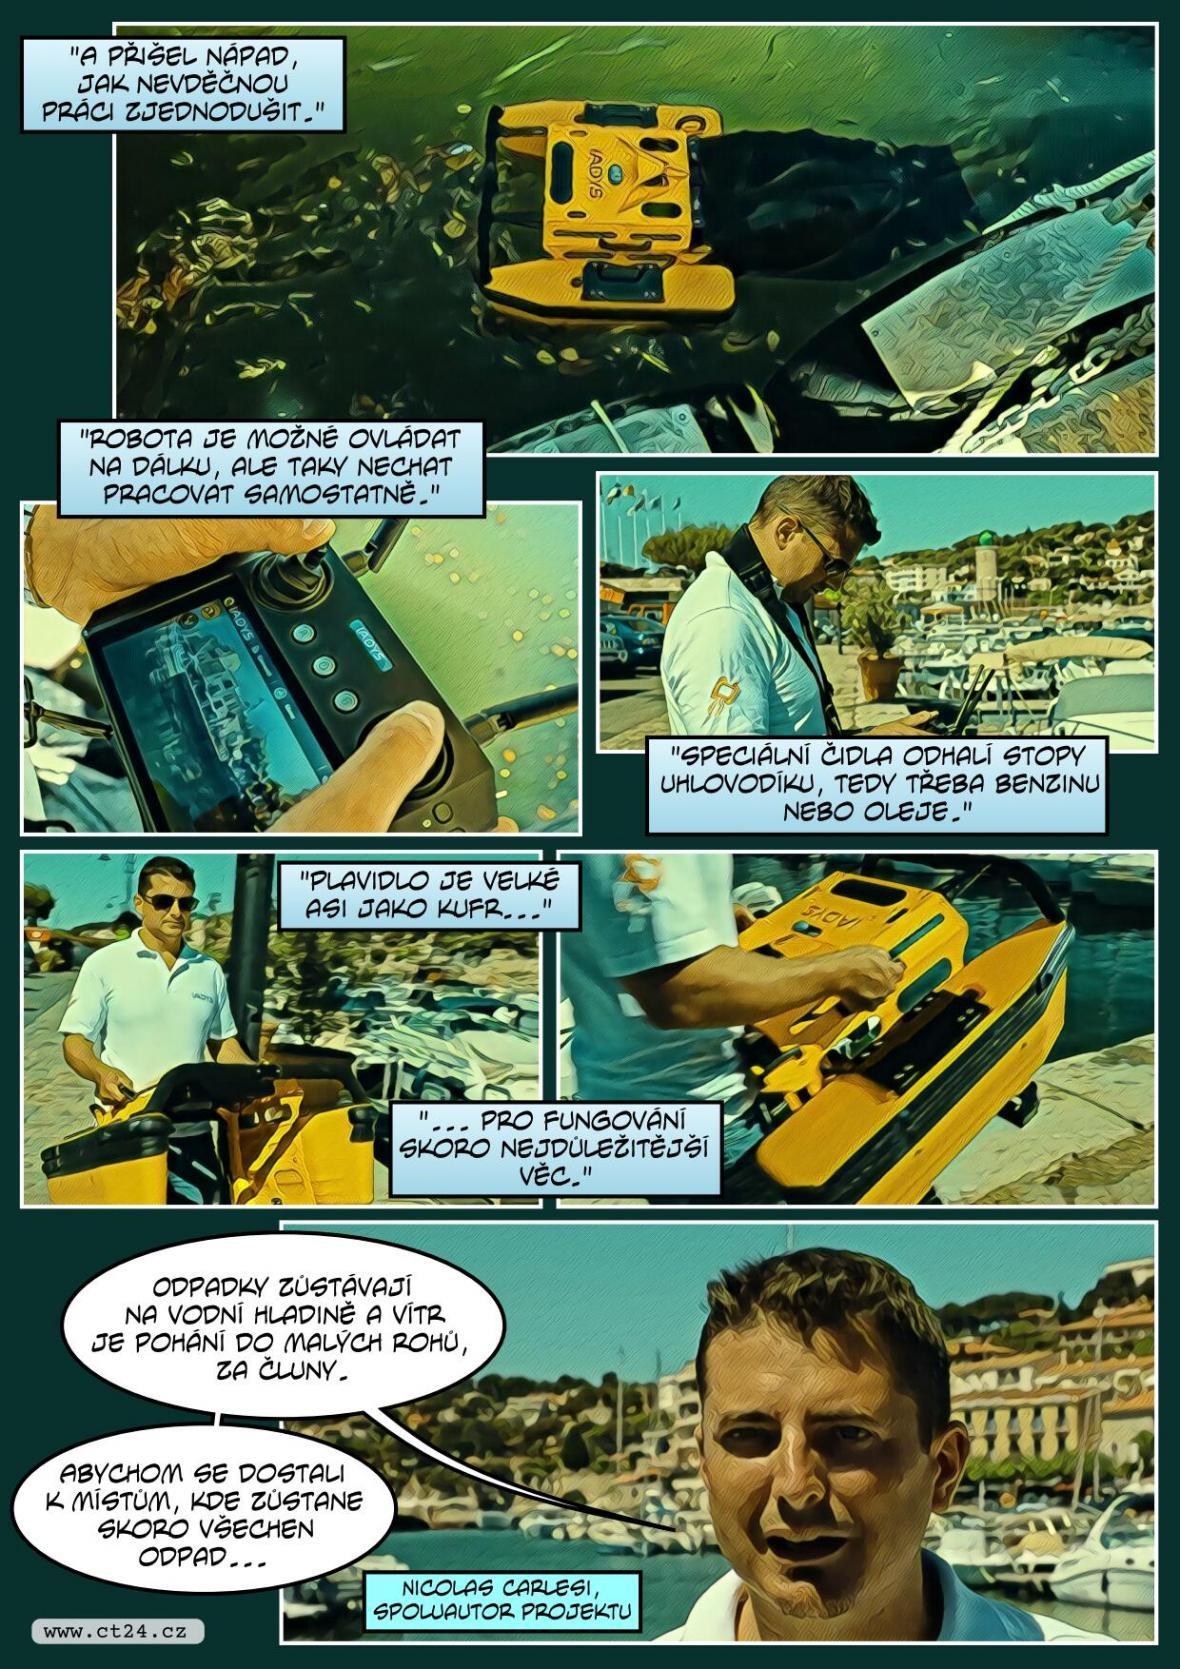 """Francouzské přístavy brázdí """"robomedúza"""""""